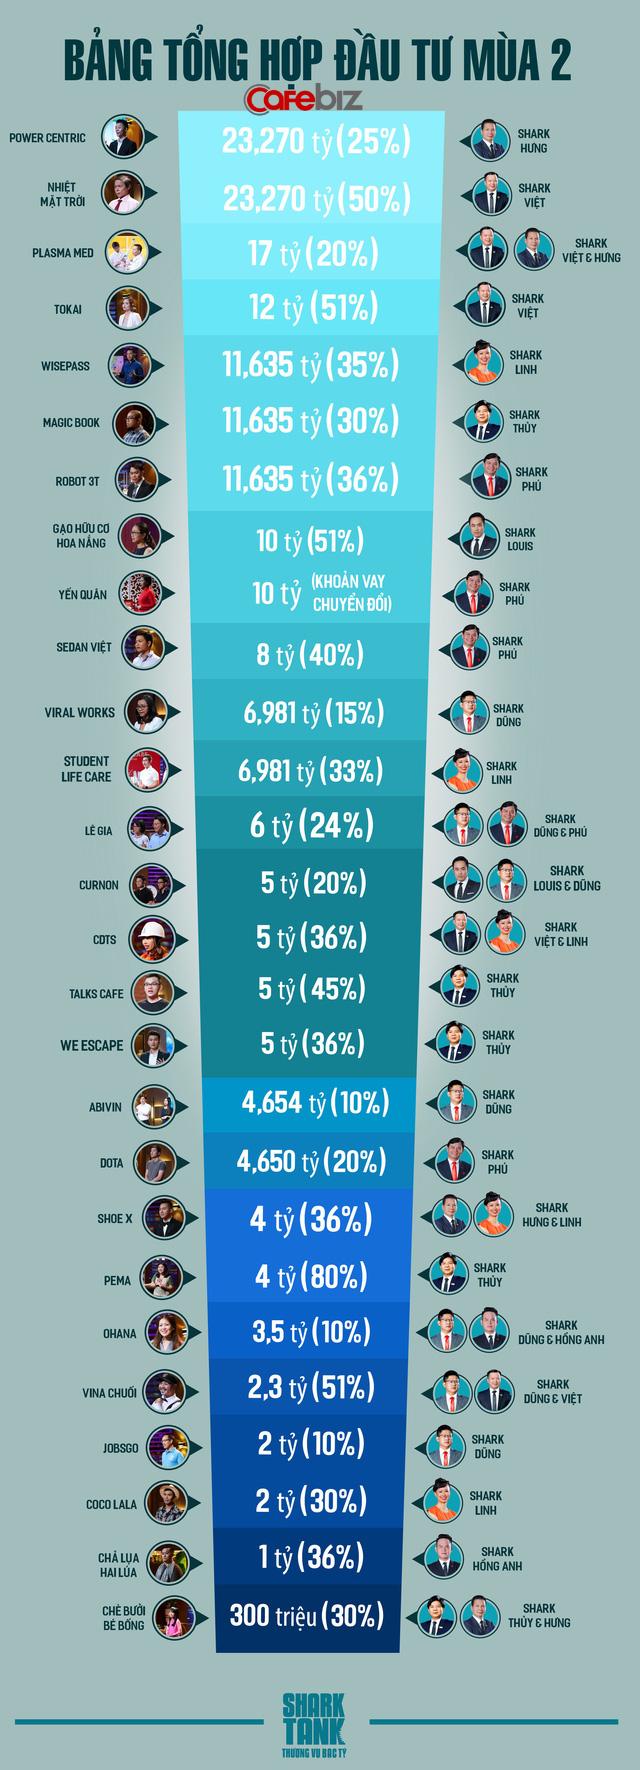 """Các kỷ lục trong Shark Tank mùa 2: Founder """"ngây thơ"""" của Ohana gây """"bão mạng"""" nhất, bún Nguyễn Bính gọi số tiền nhiều nhất - Ảnh 2."""